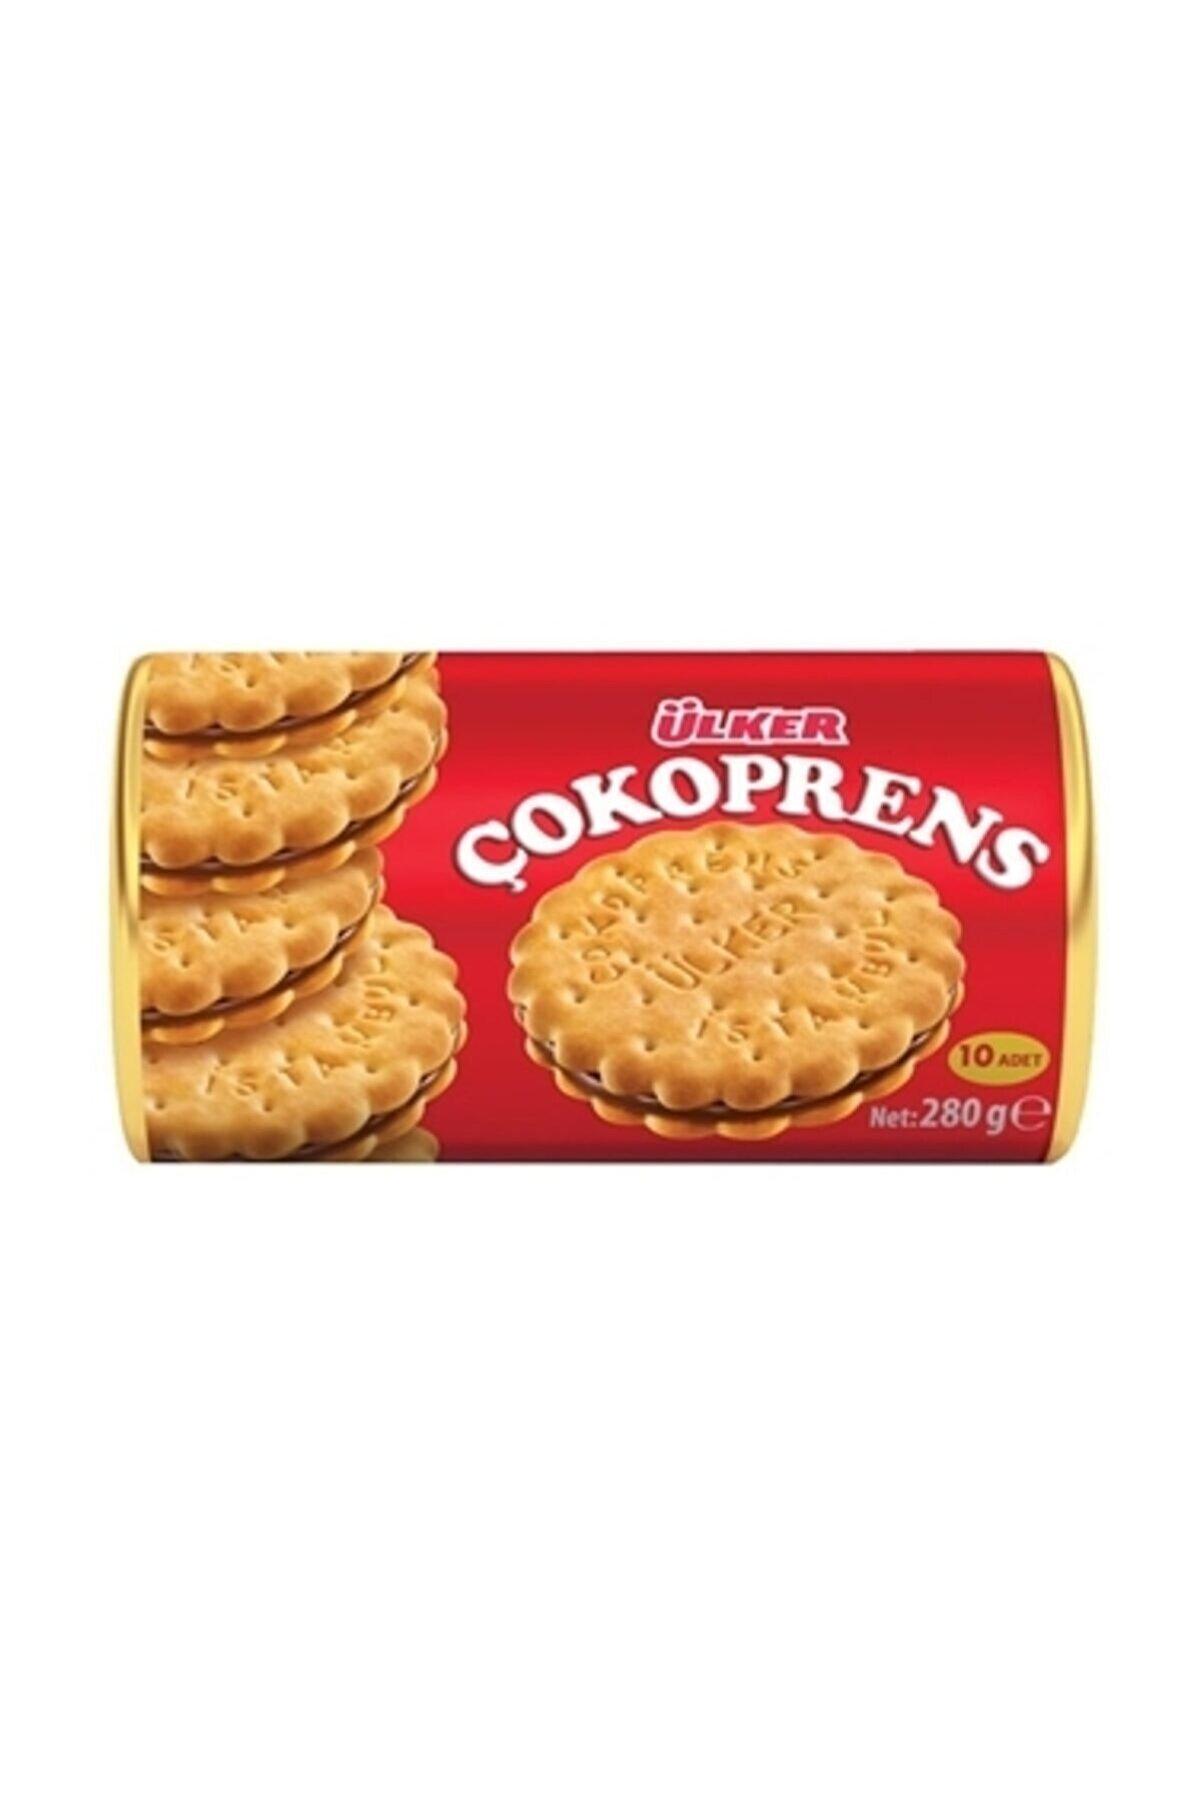 Ülker Çokoprens Bisküvi 10x30 gr